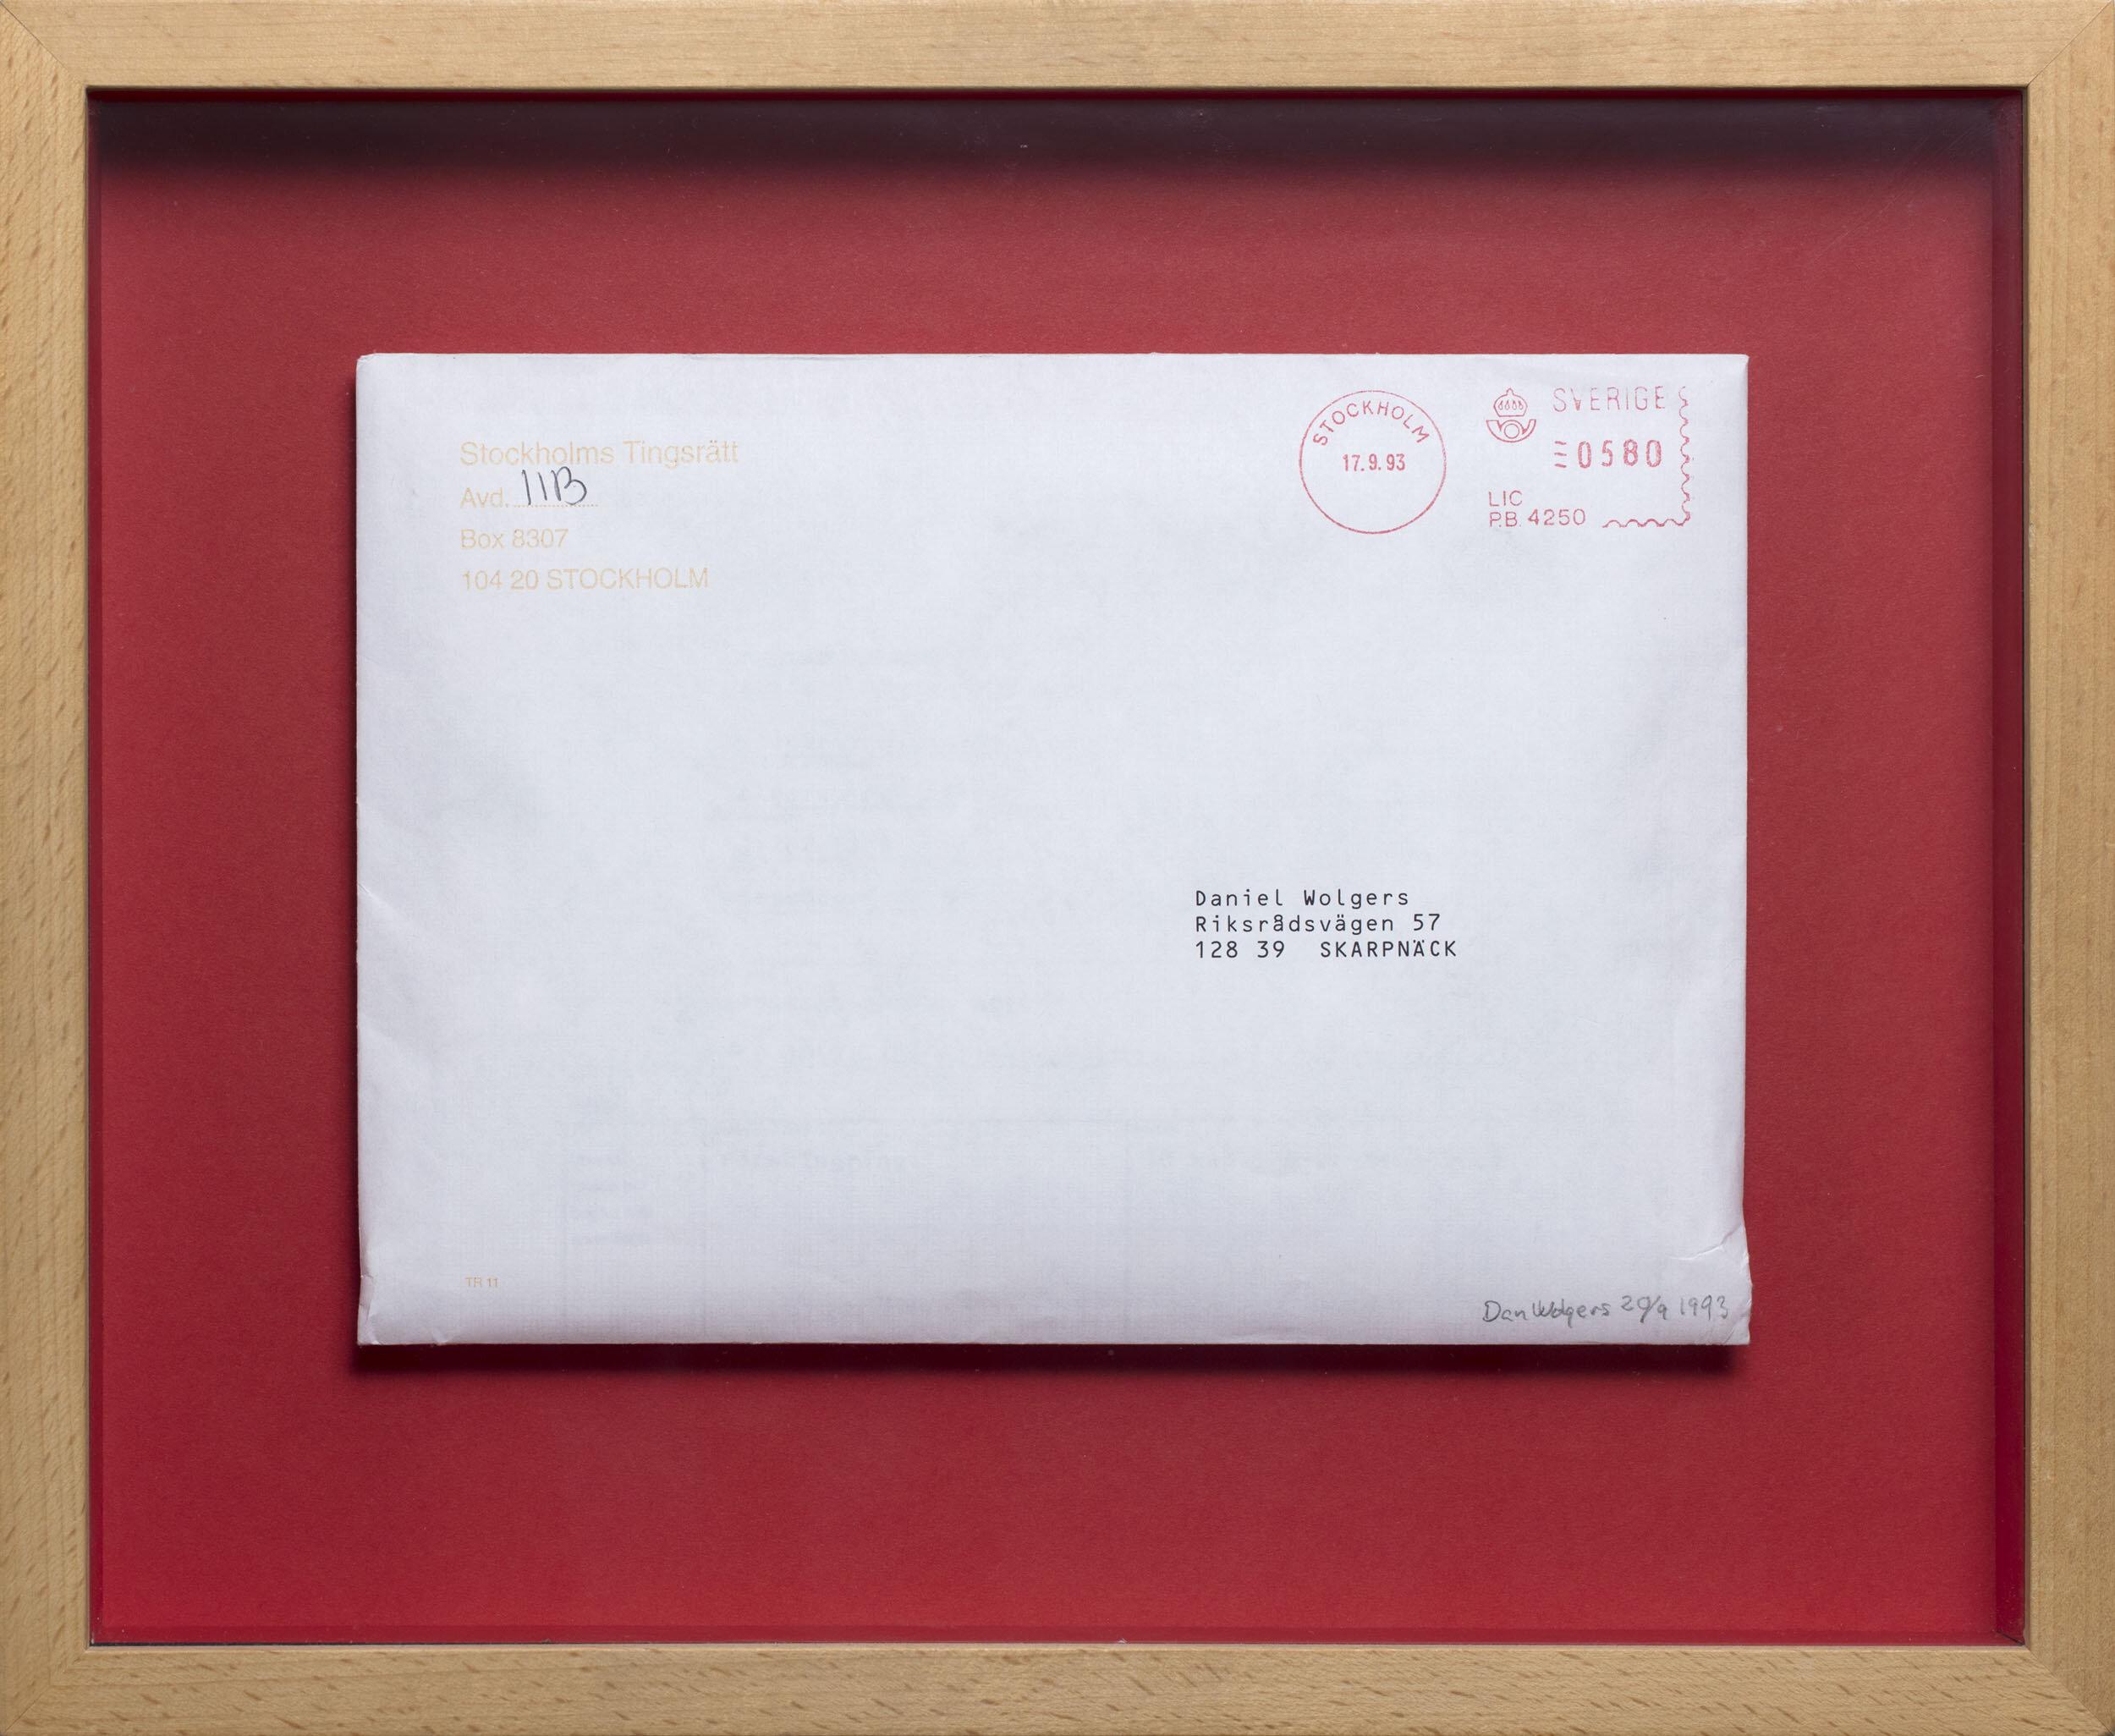 Dan Wolgers   Staten vs Wolgers (Brev från tingsrätten)  1993 Signerad Dan Wolgersoch daterat 20/9 1993 Objekt, brev i ram 28 x 34 cm